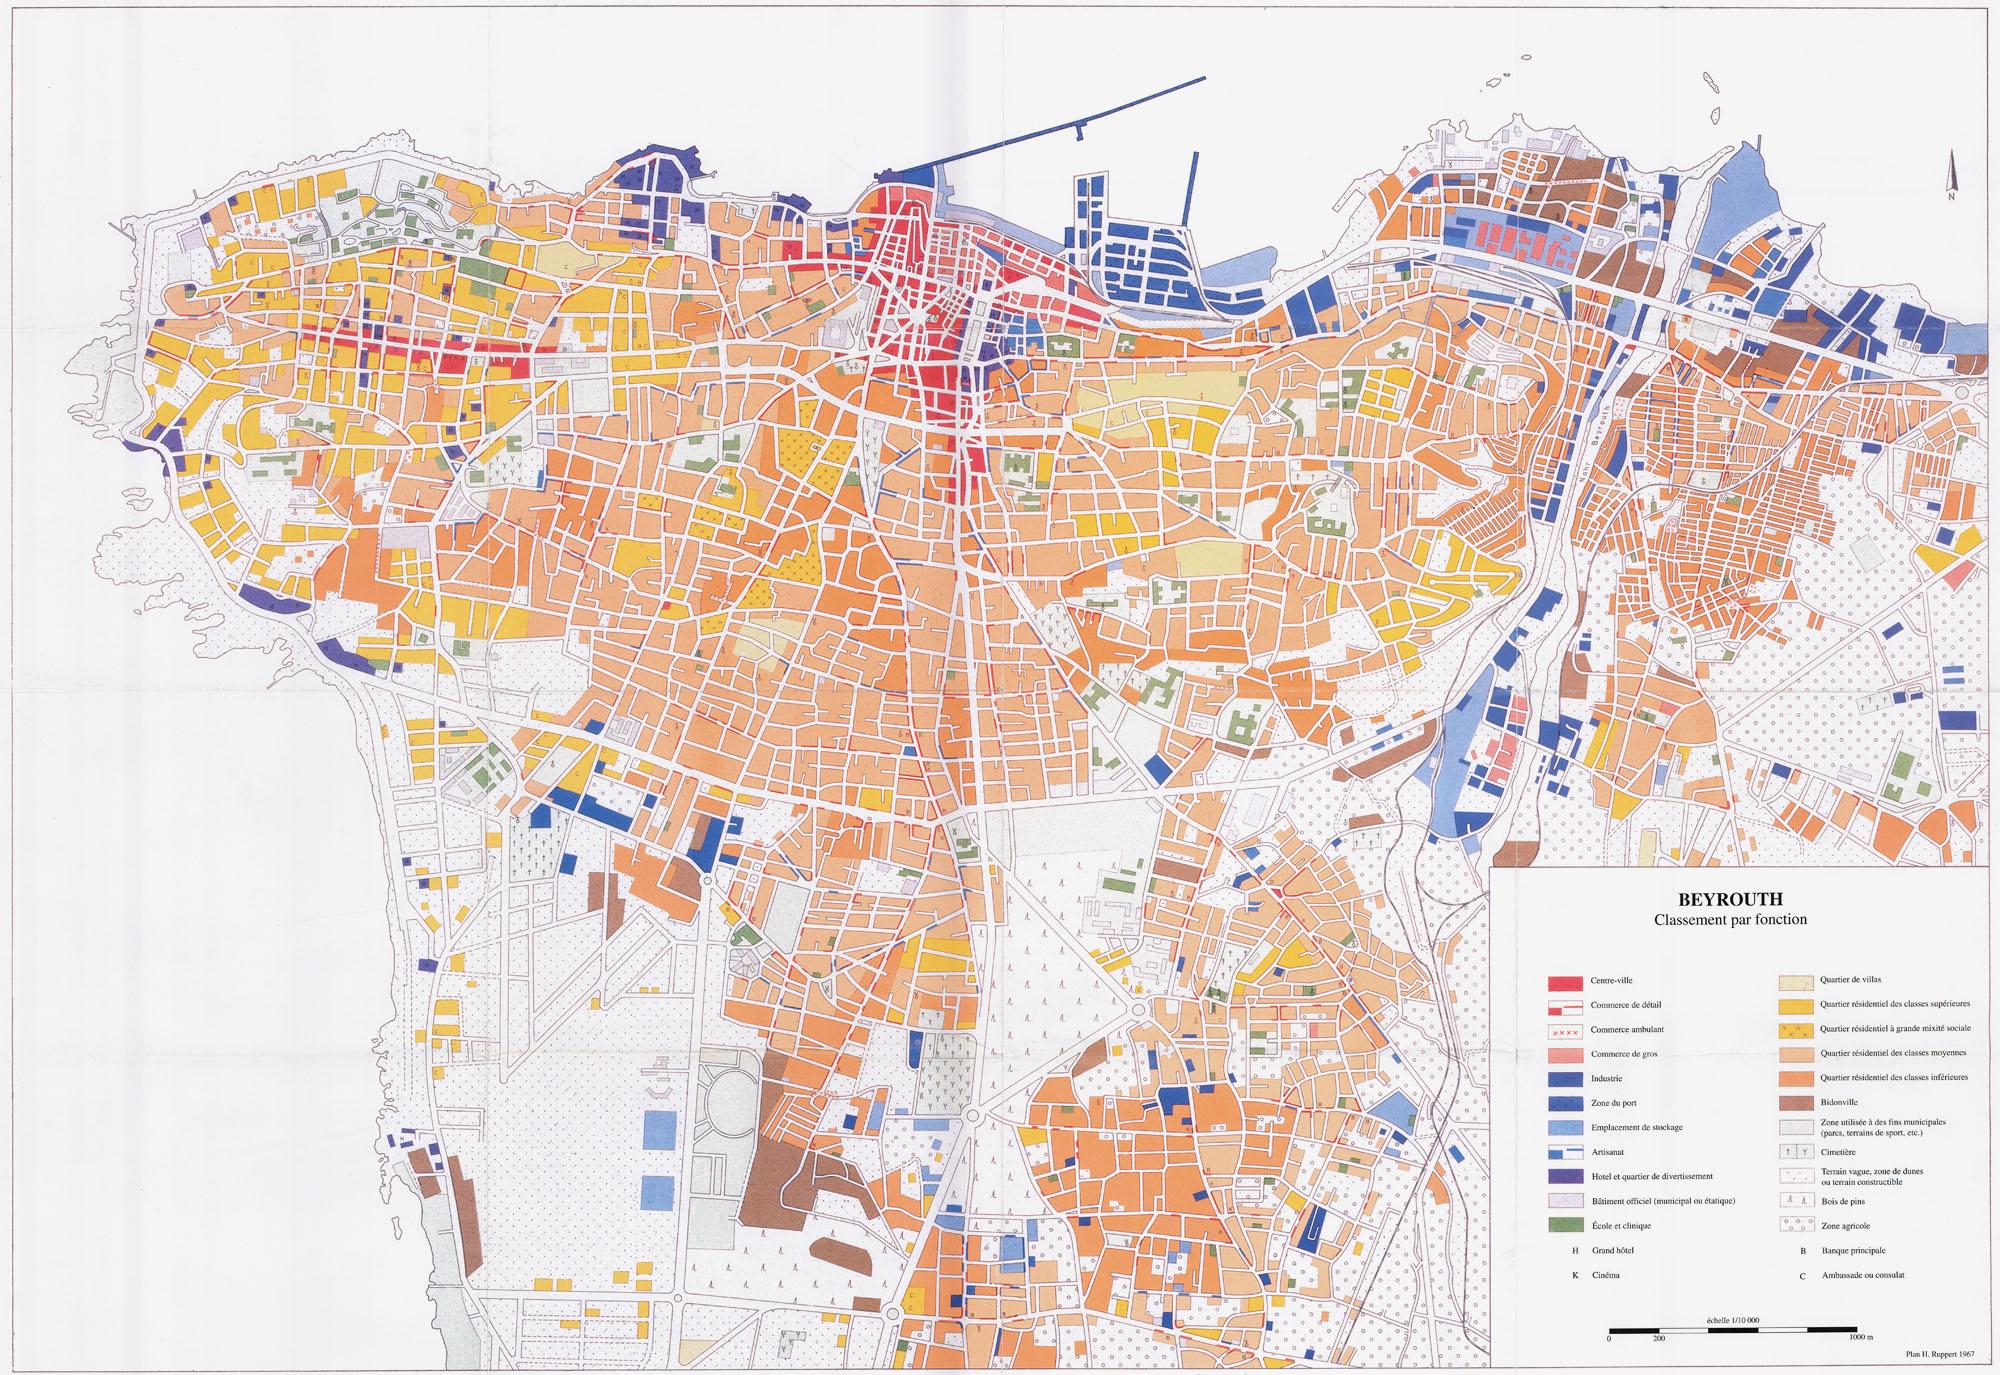 Beyrouth, une ville d'Orient marquée par l'Occident